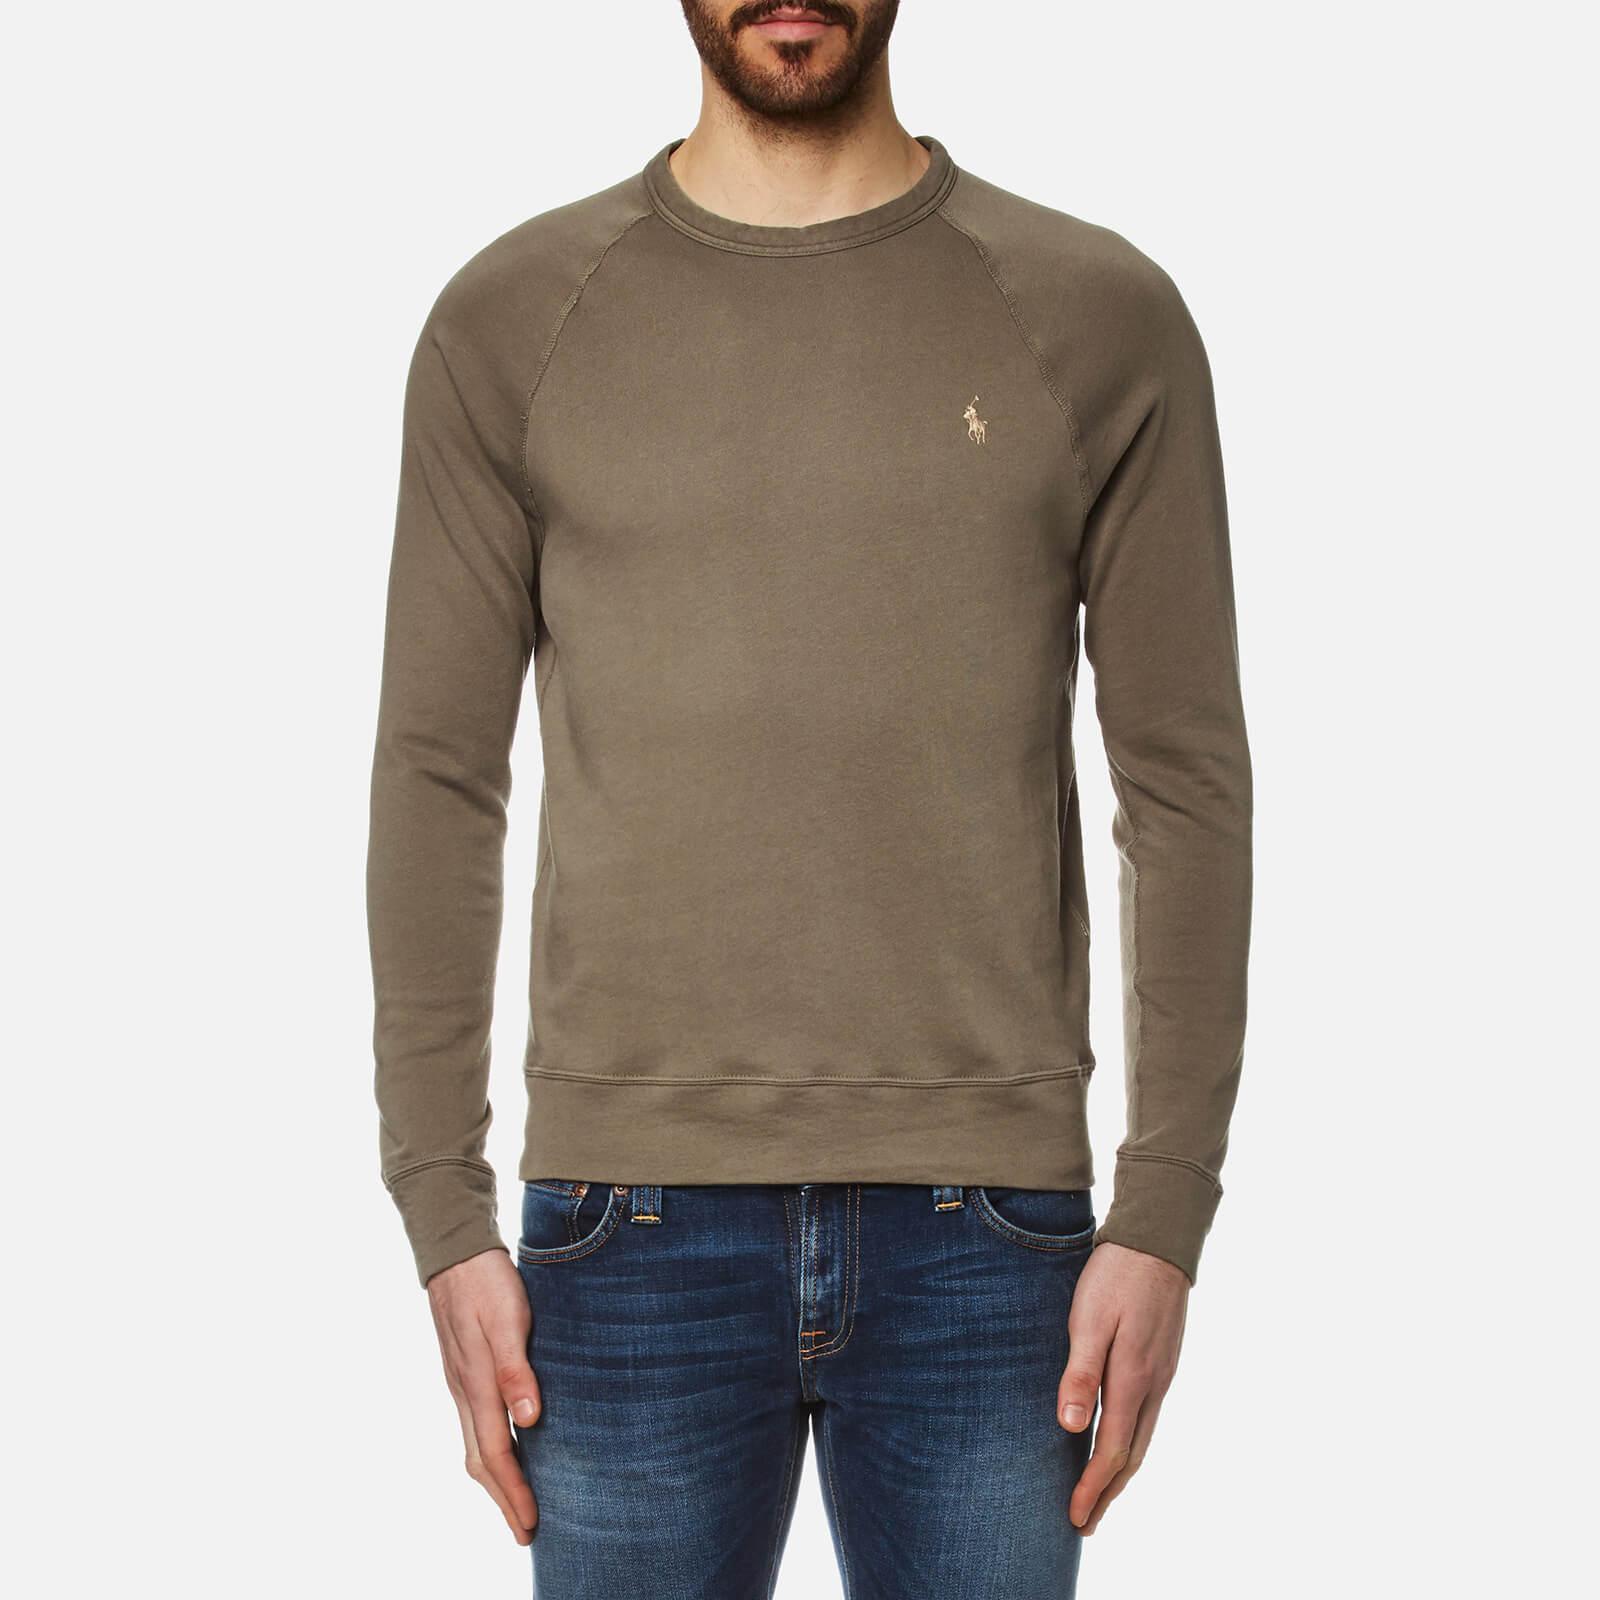 1115aff74e17 Polo Ralph Lauren Men s Crew Neck Sweatshirt - Dark Fatigue - Free UK  Delivery over £50